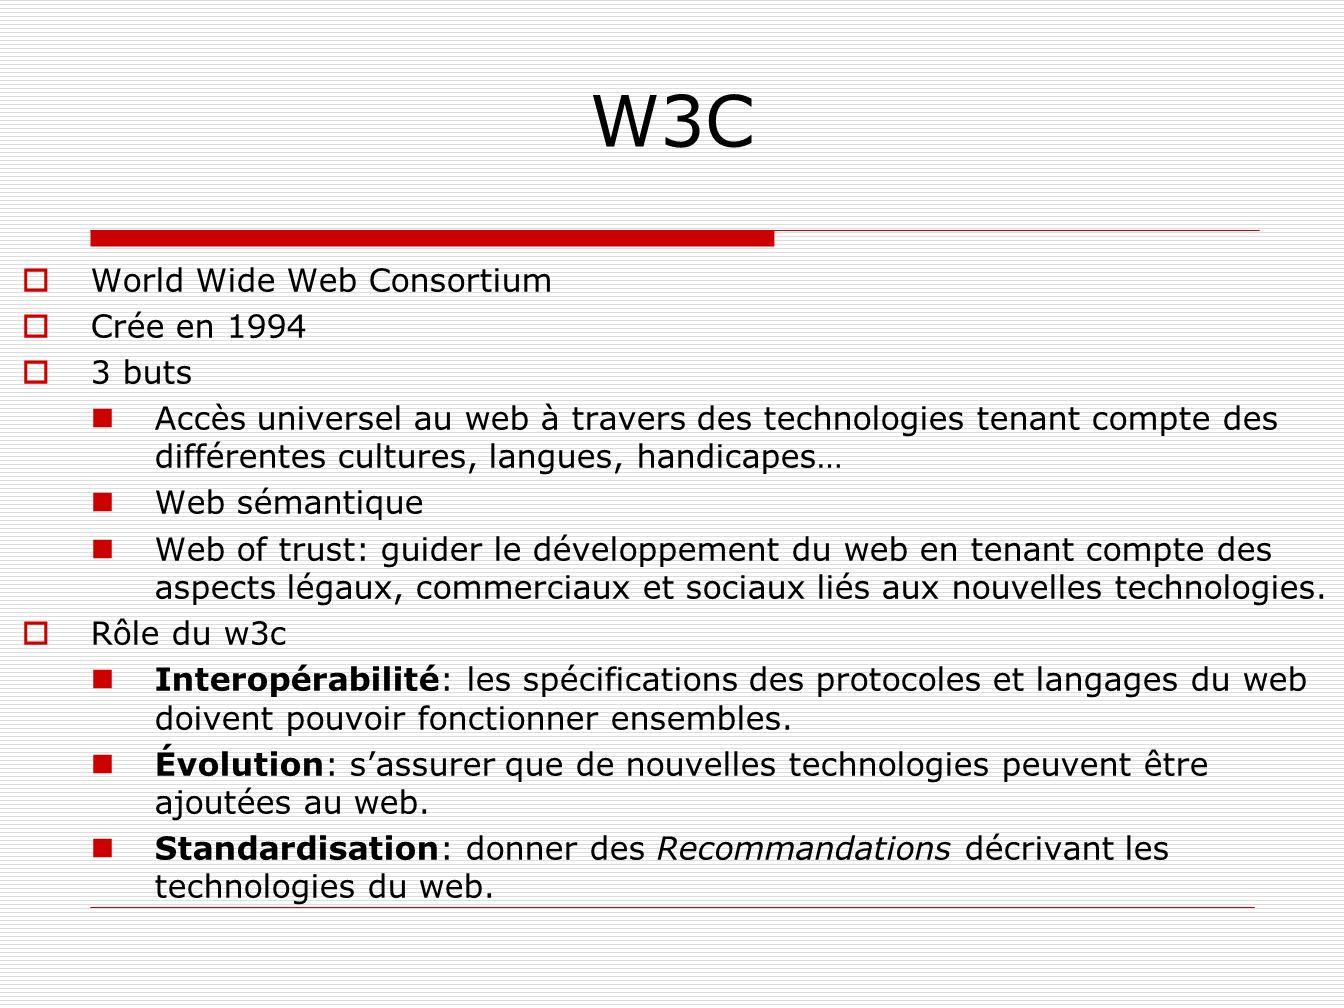 Références http://www.w3.org http://www.commentcamarche.net/internet/http.php3 http://www.cookiecentral.com http://www- mrim.imag.fr/ressources/docPHP4_v4c/manuel_toc.html http://www- mrim.imag.fr/ressources/docPHP4_v4c/manuel_toc.html http://www.apl.jhu.edu/~hall/java/Servlet-Tutorial/ Cours de Master STIC Programmation et sécurité du Web, Philippe Poulard : http://disc.inria.fr/perso/philippe.poulard/cours/masterhttp://disc.inria.fr/perso/philippe.poulard/cours/master Fabrice.Huet@sophia.inria.fr Licence Miage 2005-2006 Fabrice.Huet@sophia.inria.fr